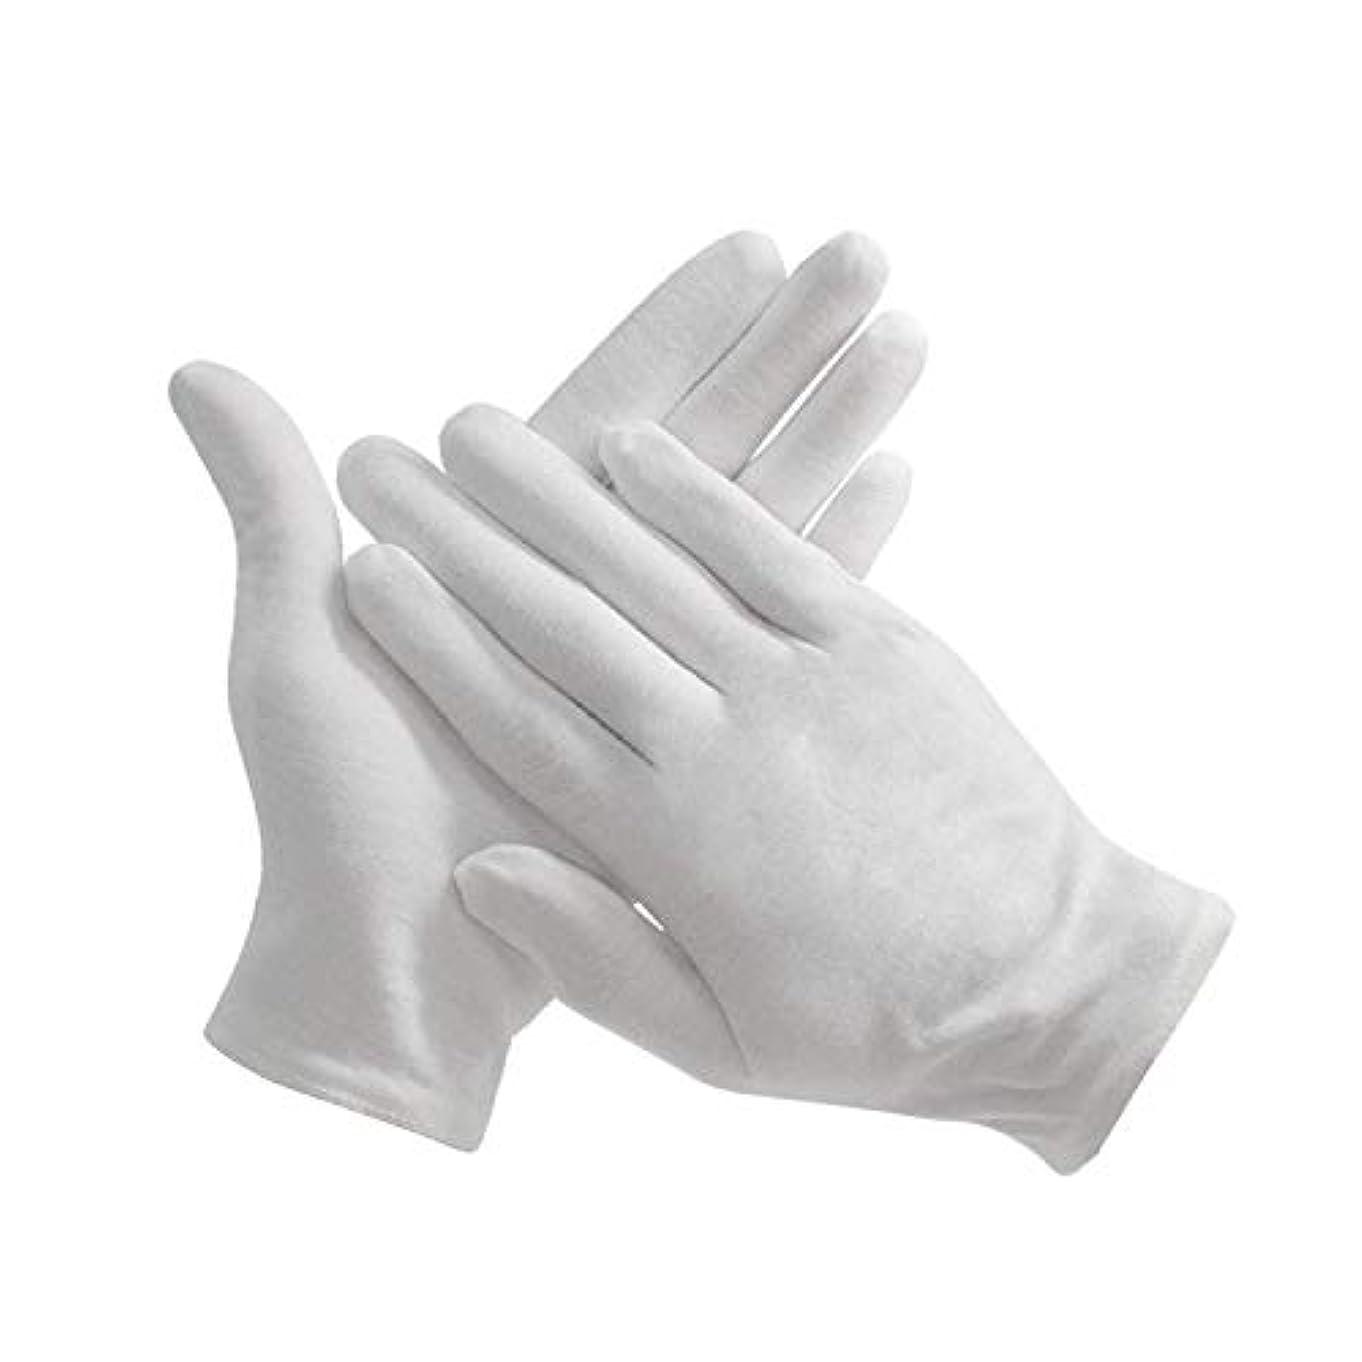 上院議員スローやけど12双組 手袋 綿手袋 手荒れ 純綿使い捨て 白手袋 薄手 お休み 湿疹 保湿 白手袋